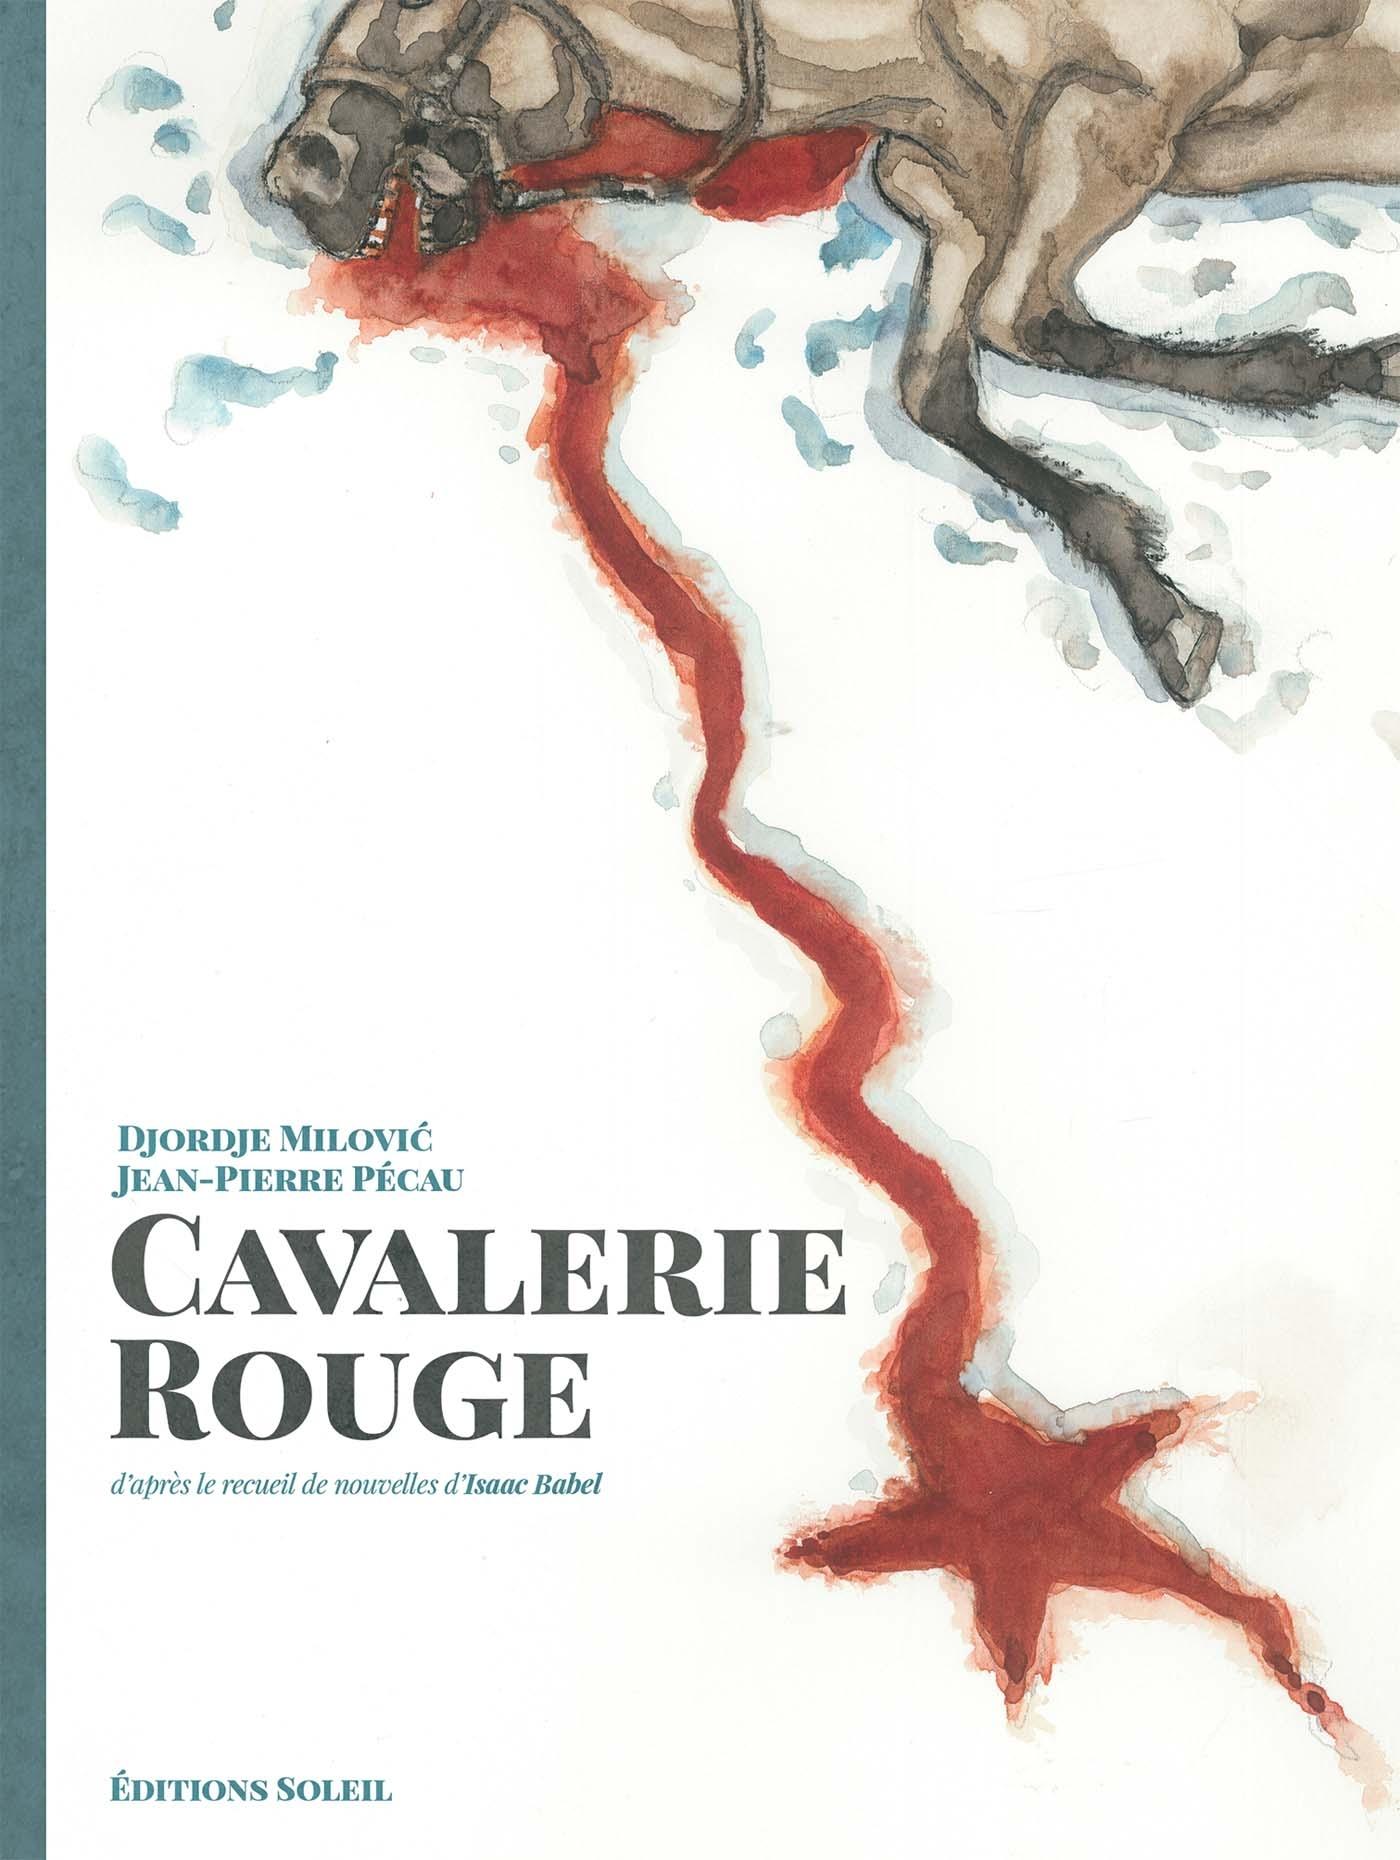 CAVALERIE ROUGE